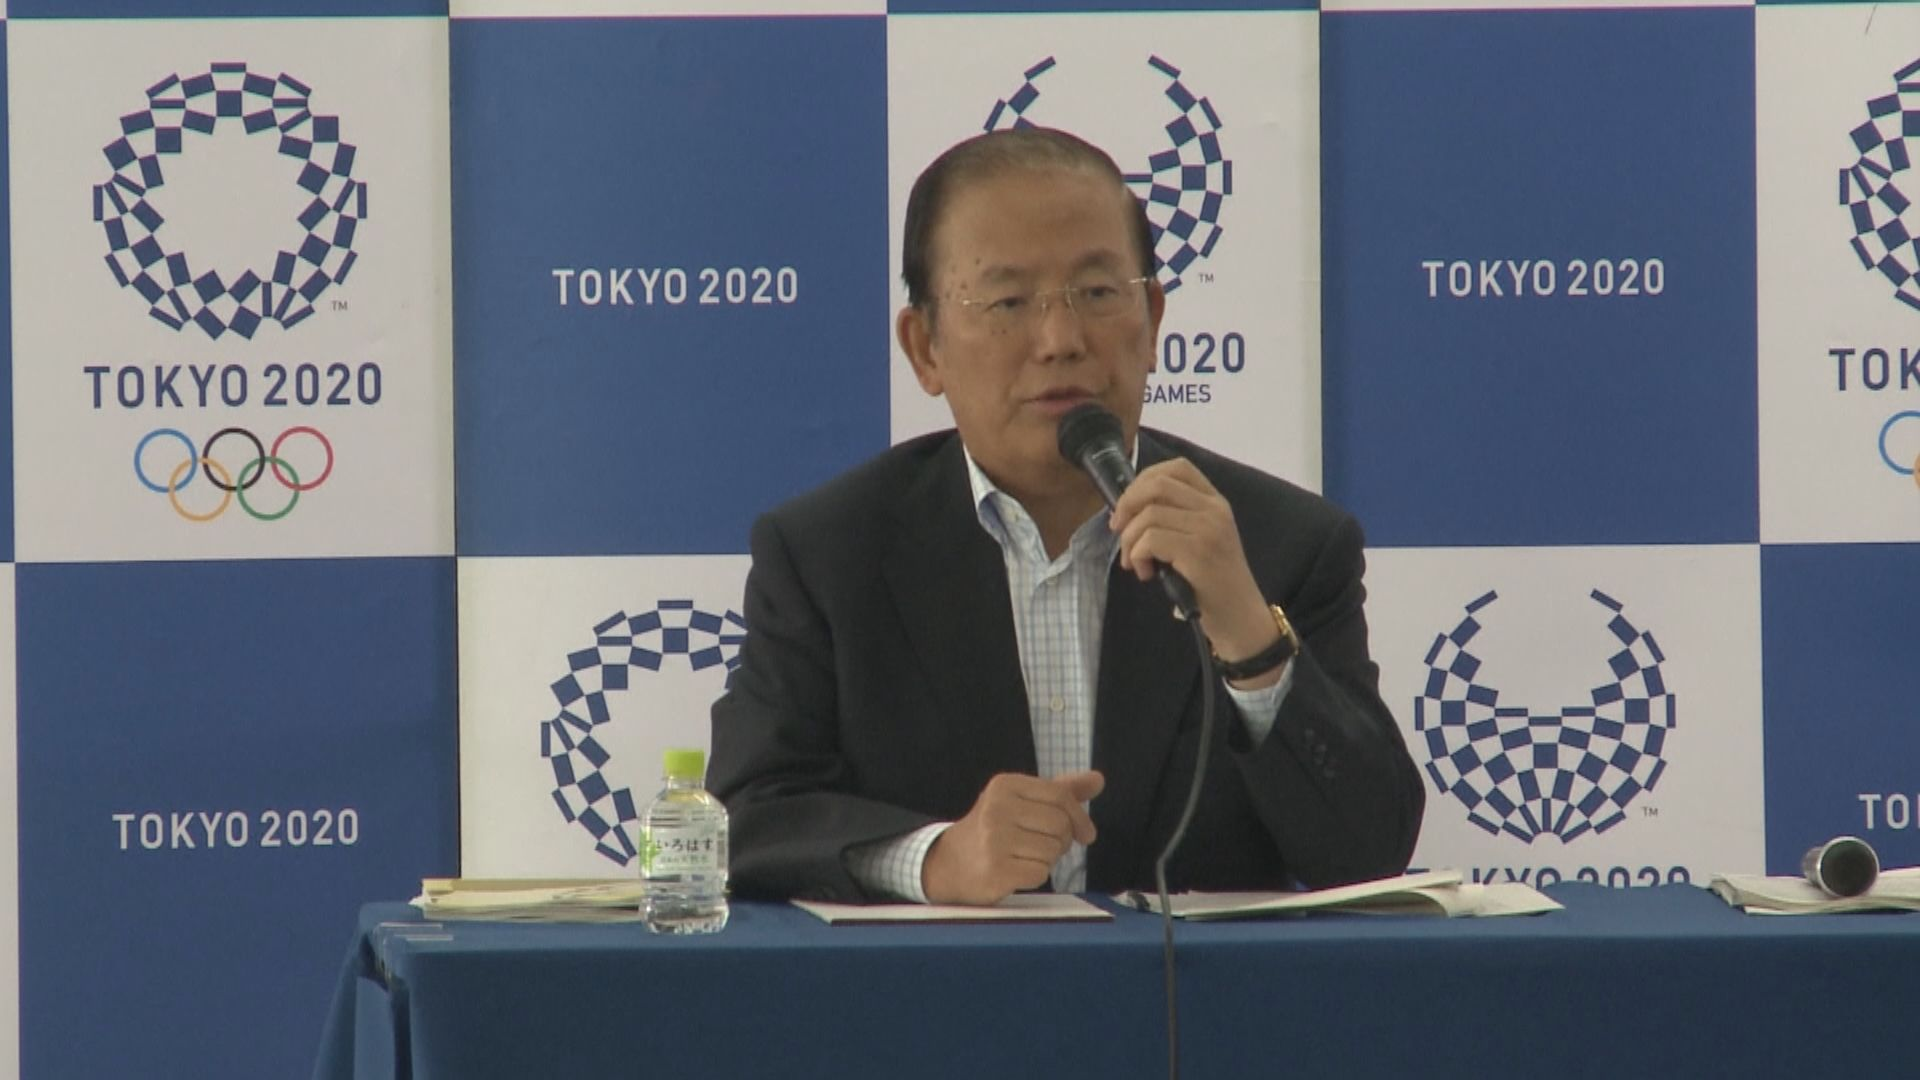 奧組委宣布東京奧運頒獎台將以塑膠廢料製造